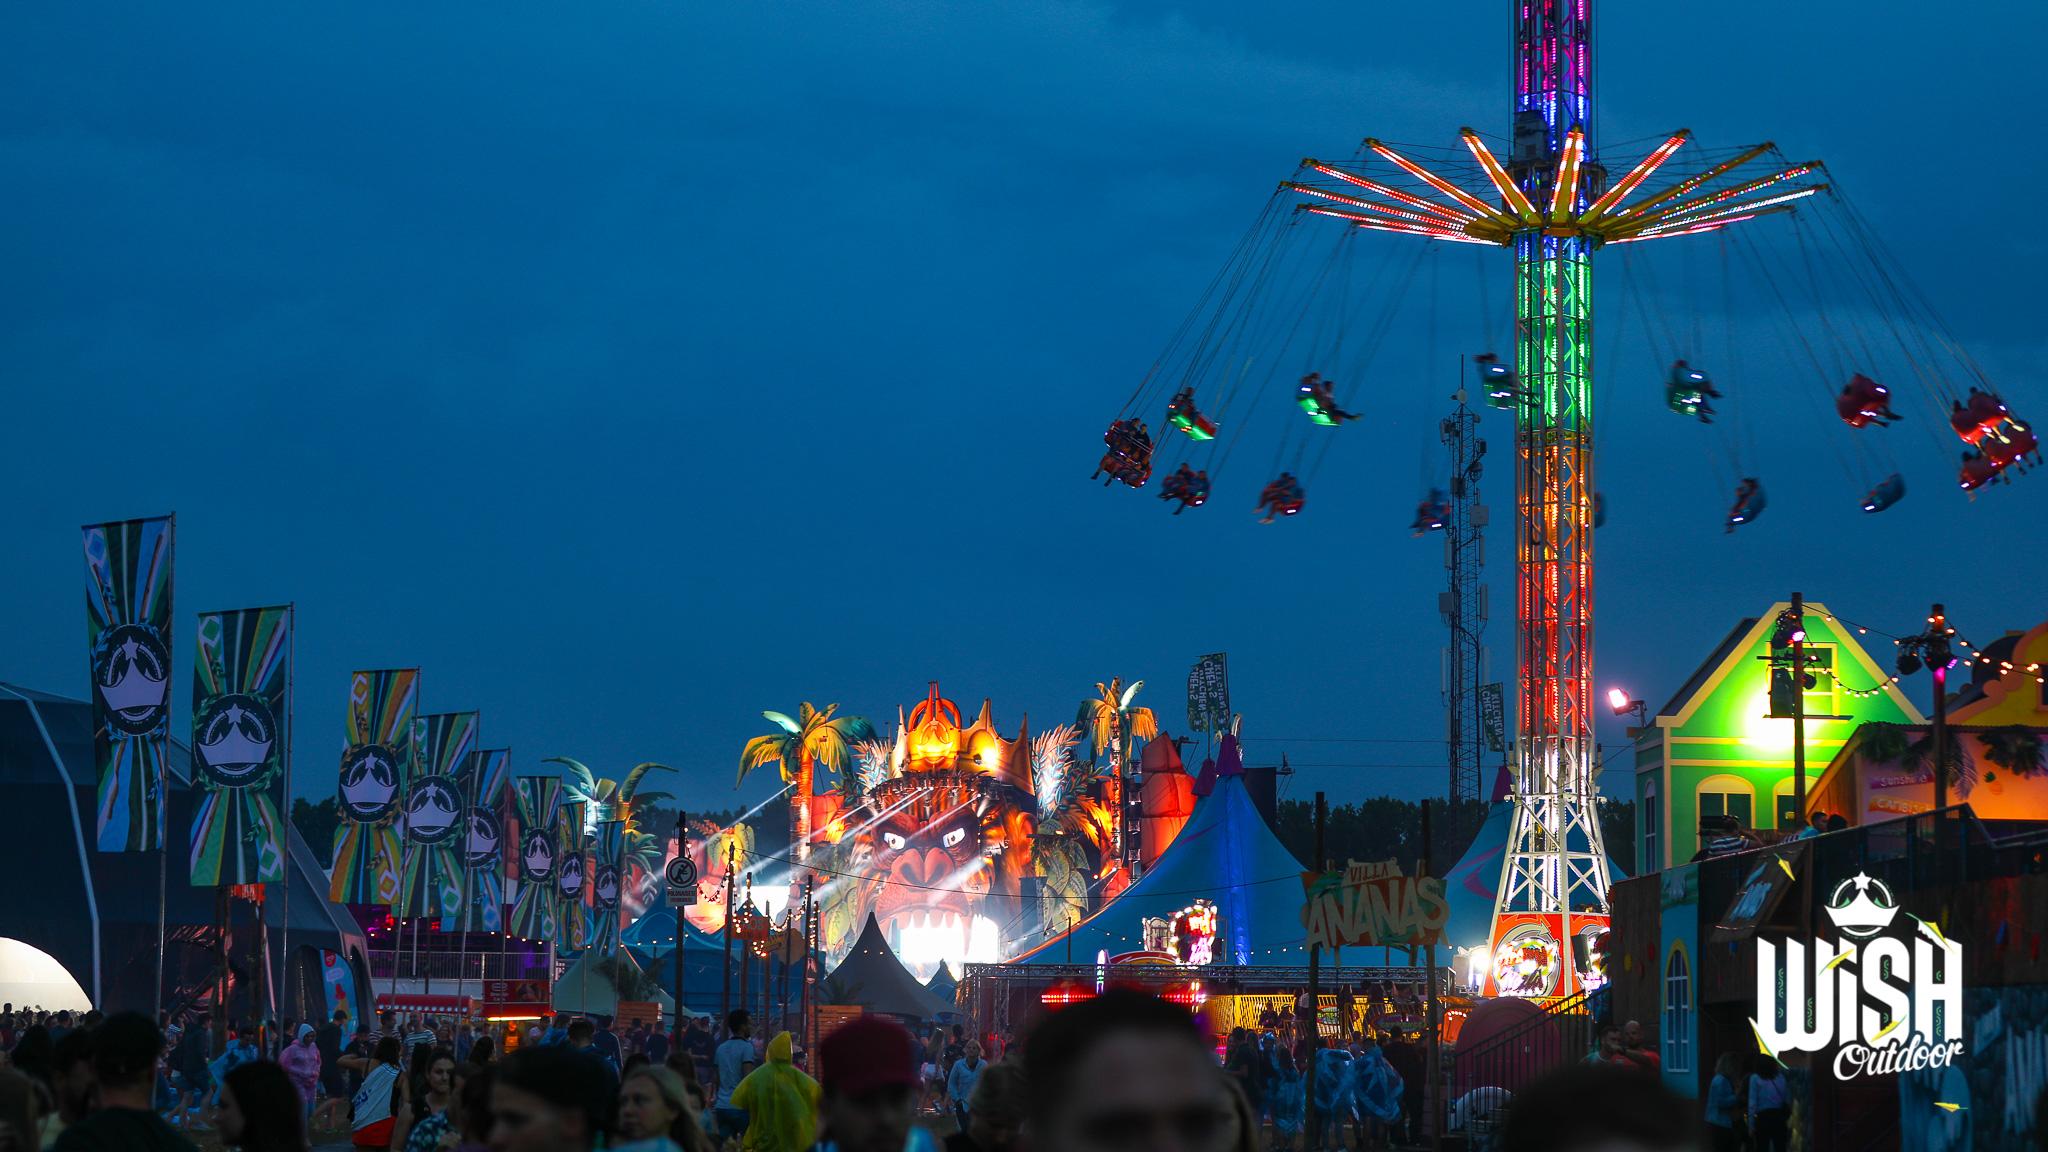 Wish Outdoor Festivalterrein